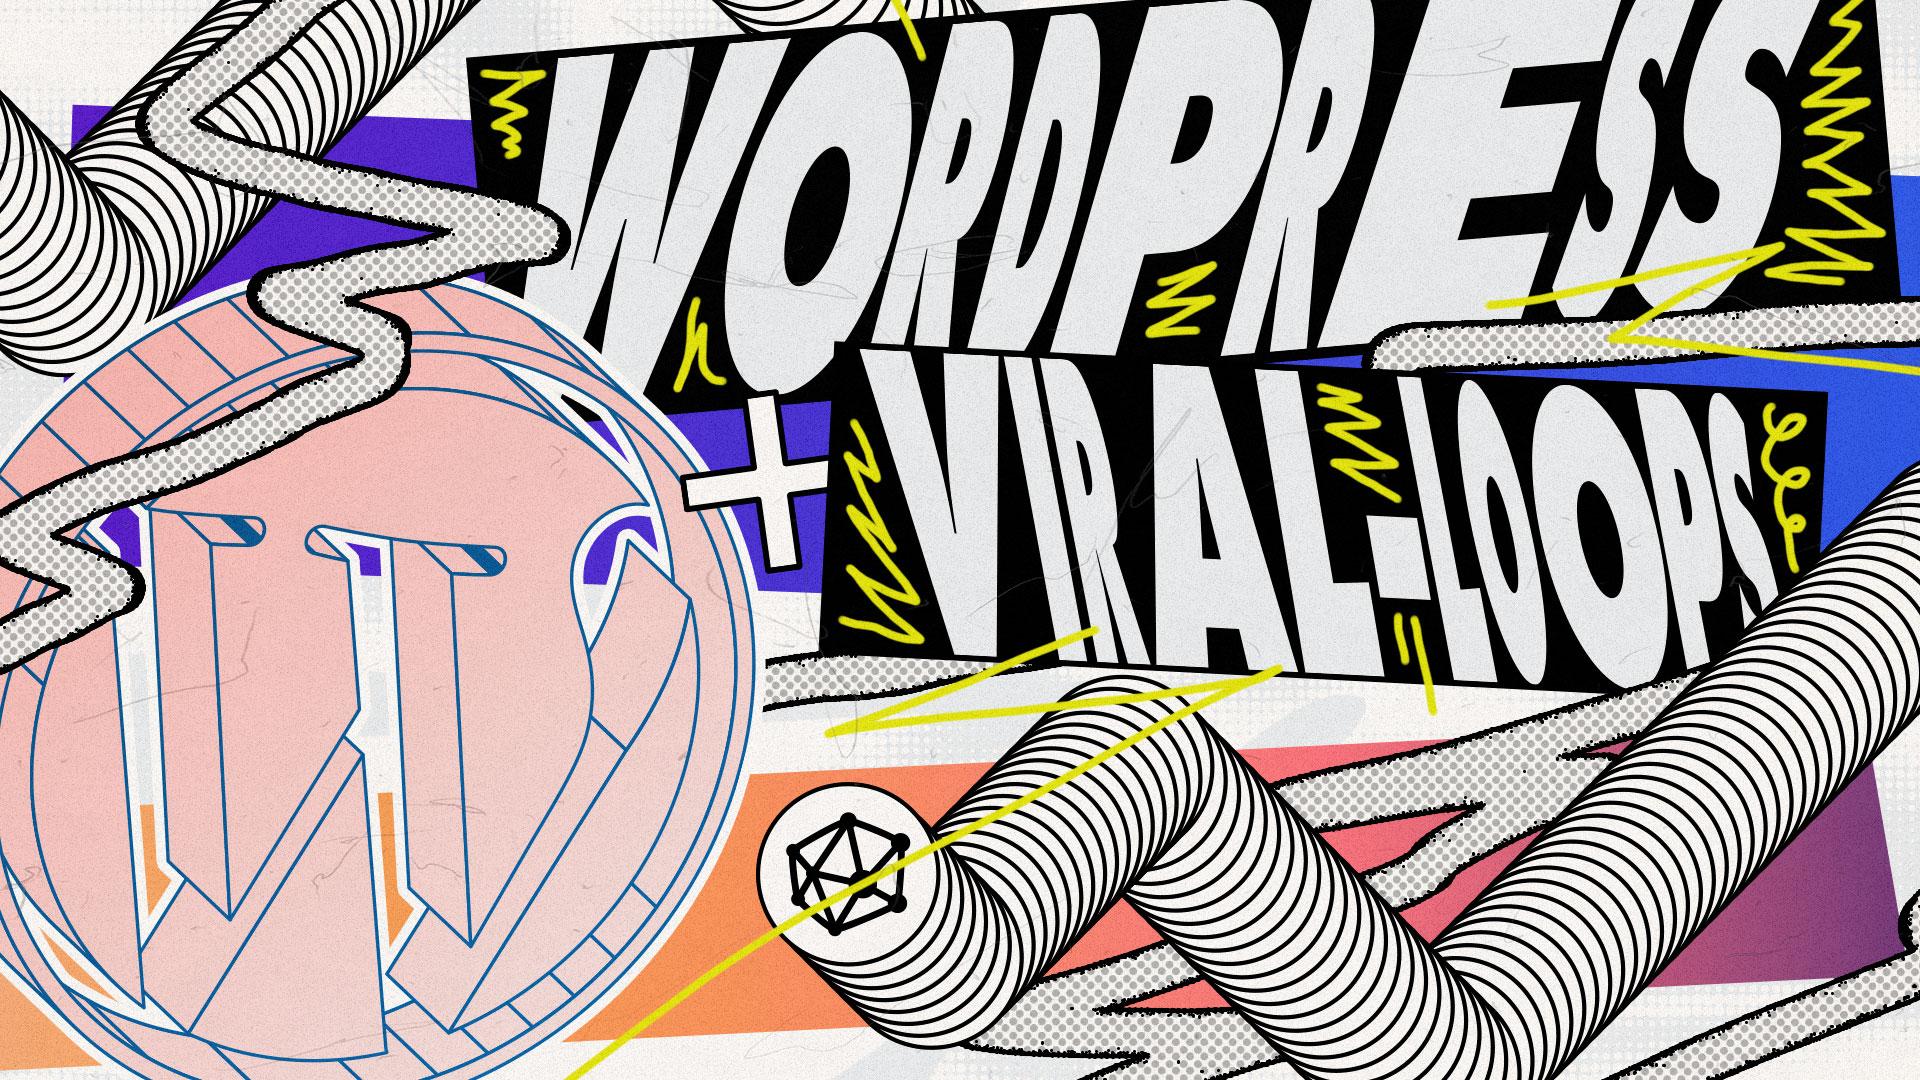 viral loops and wordpress